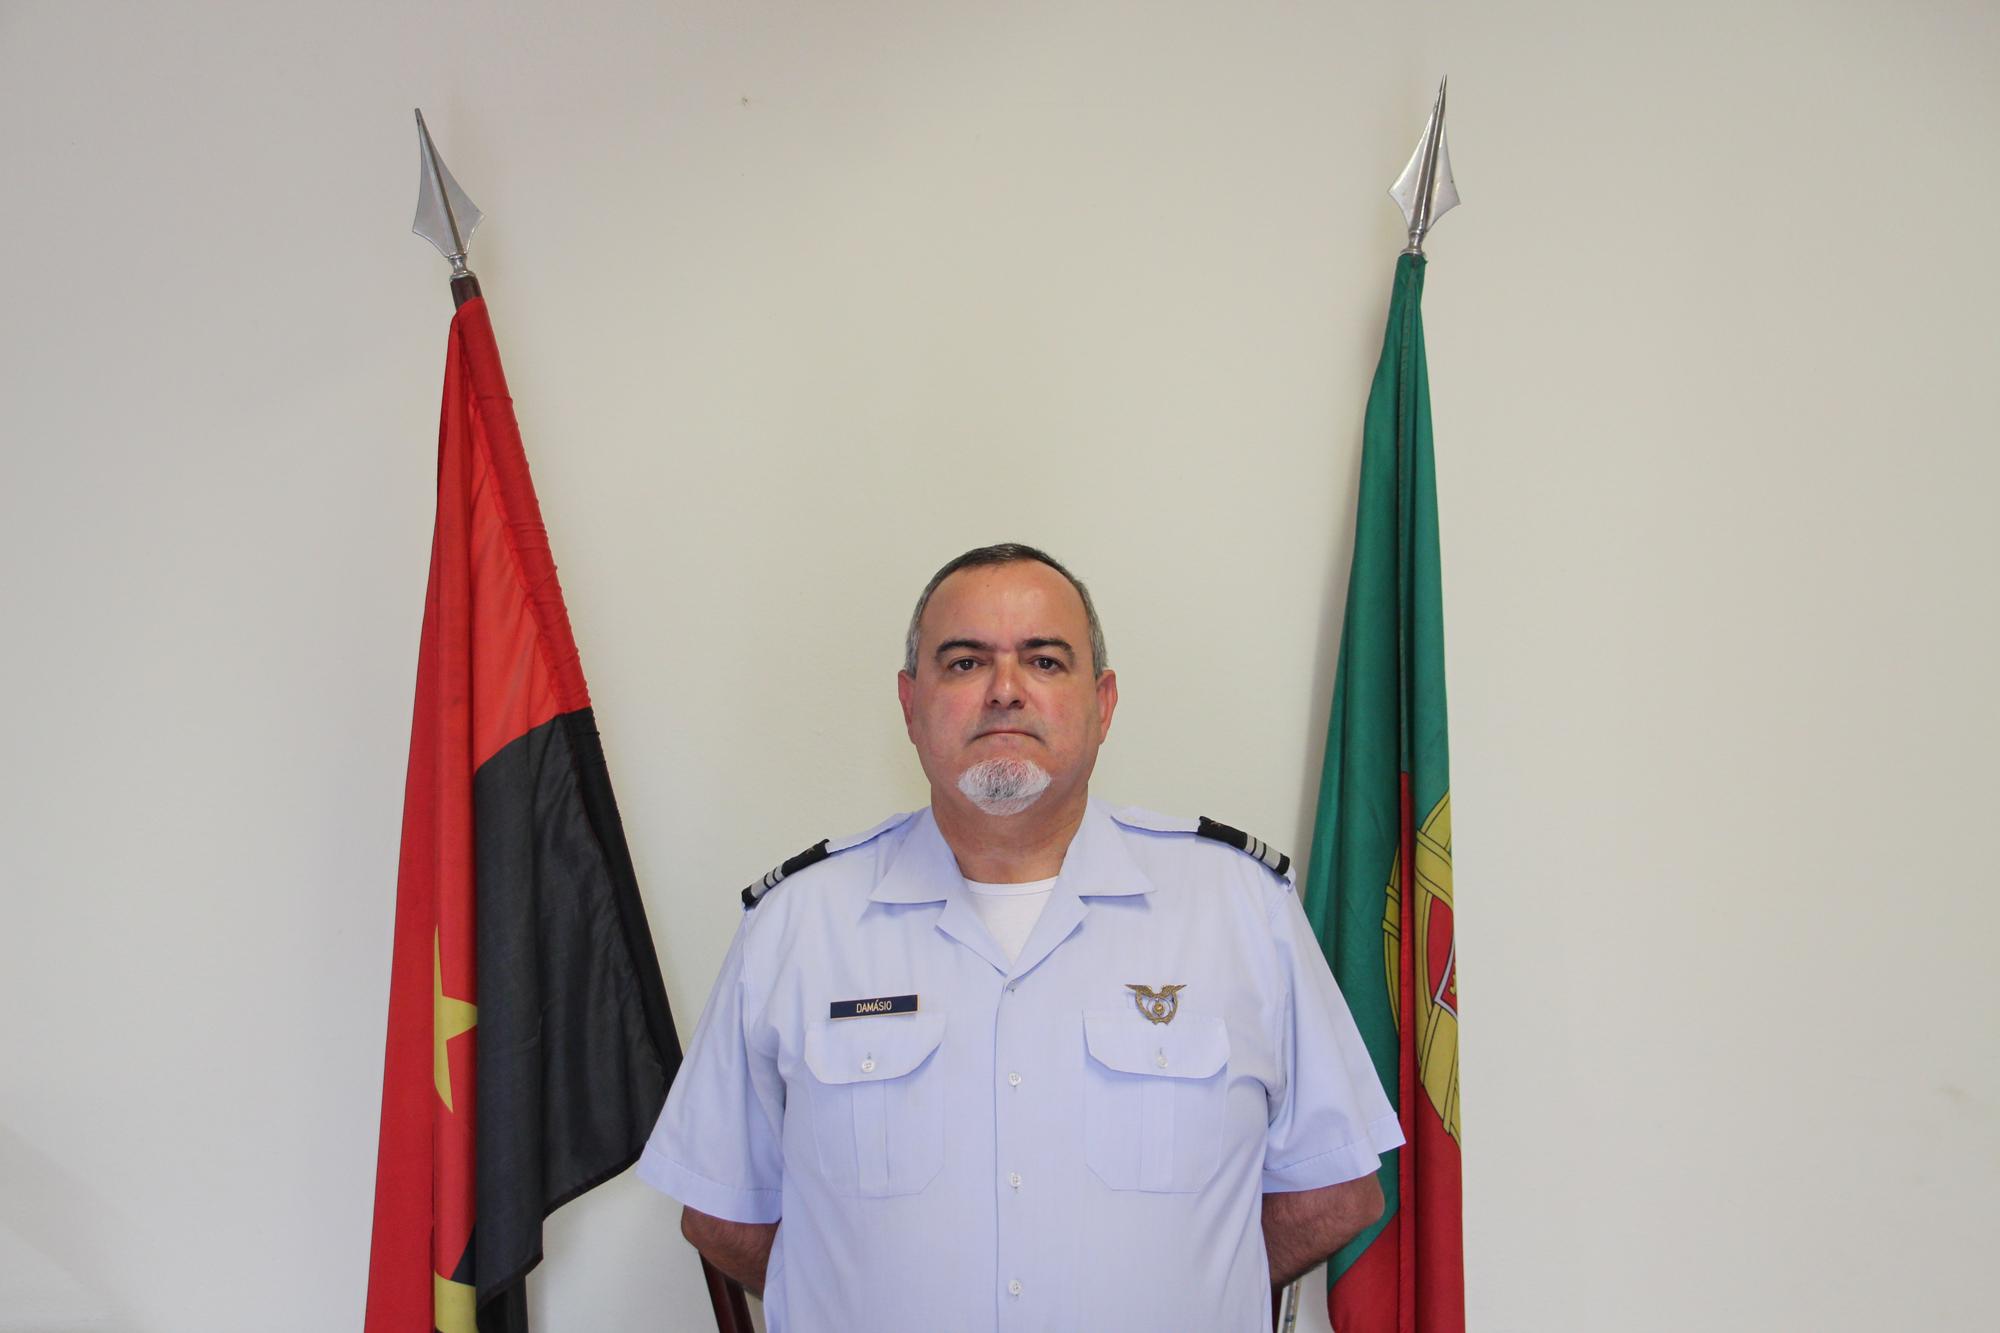 TCOR Fernando Damásio